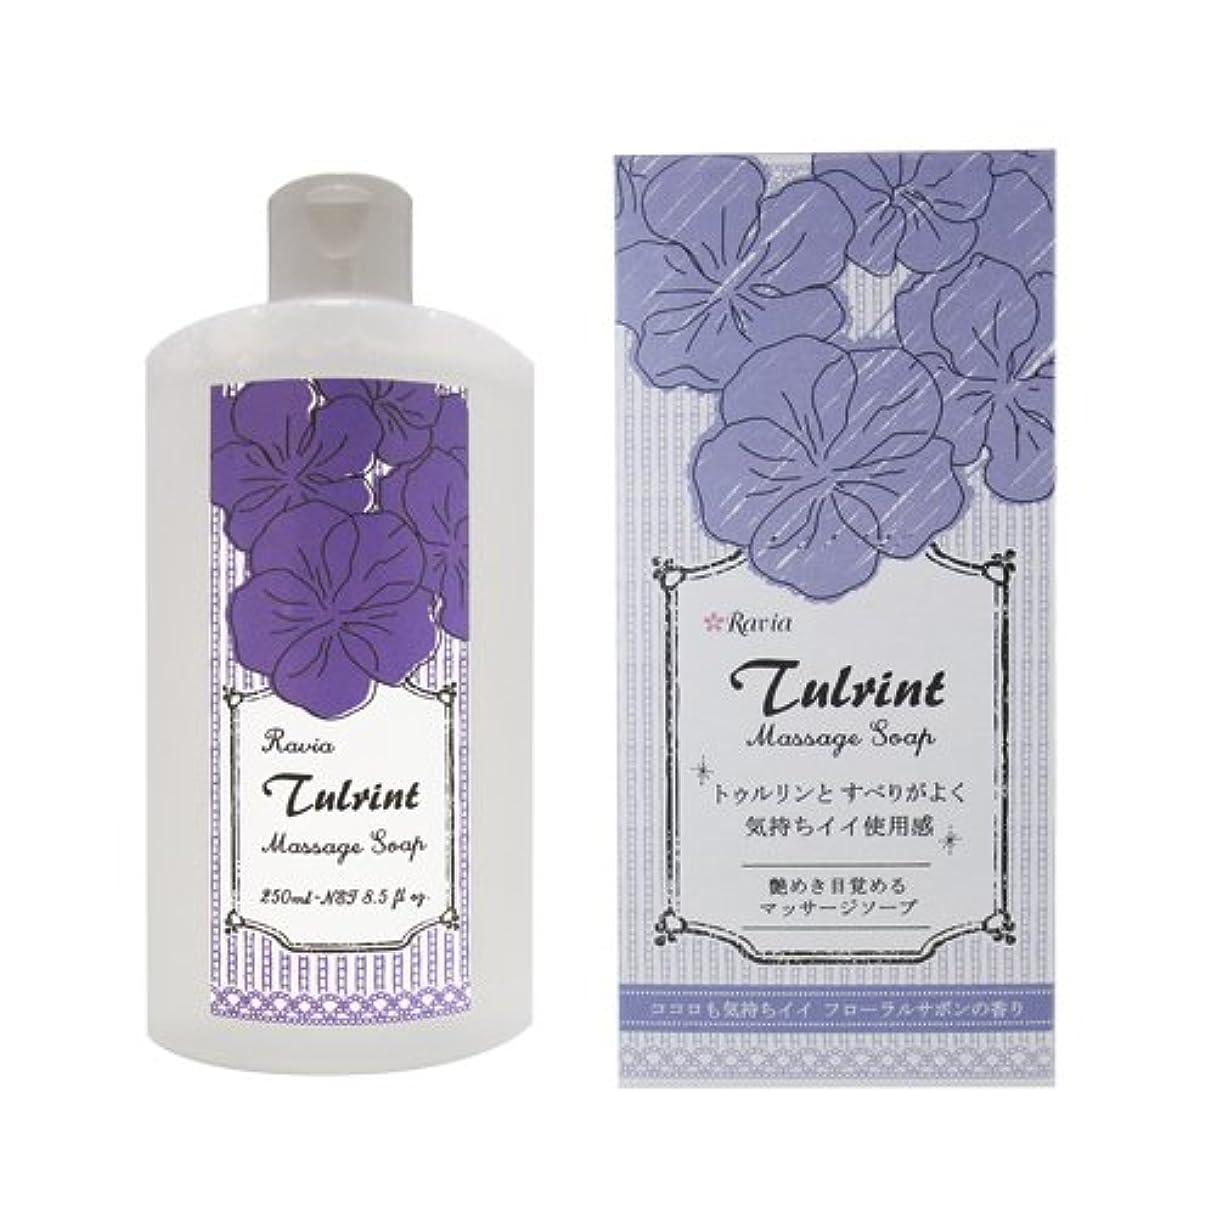 みがきます団結する撤回する【マッサージソープ】ラヴィア(Ravia) トゥルリント マッサージソープ(Tulrint Massage soap) 250ml フローラルサボンの香り